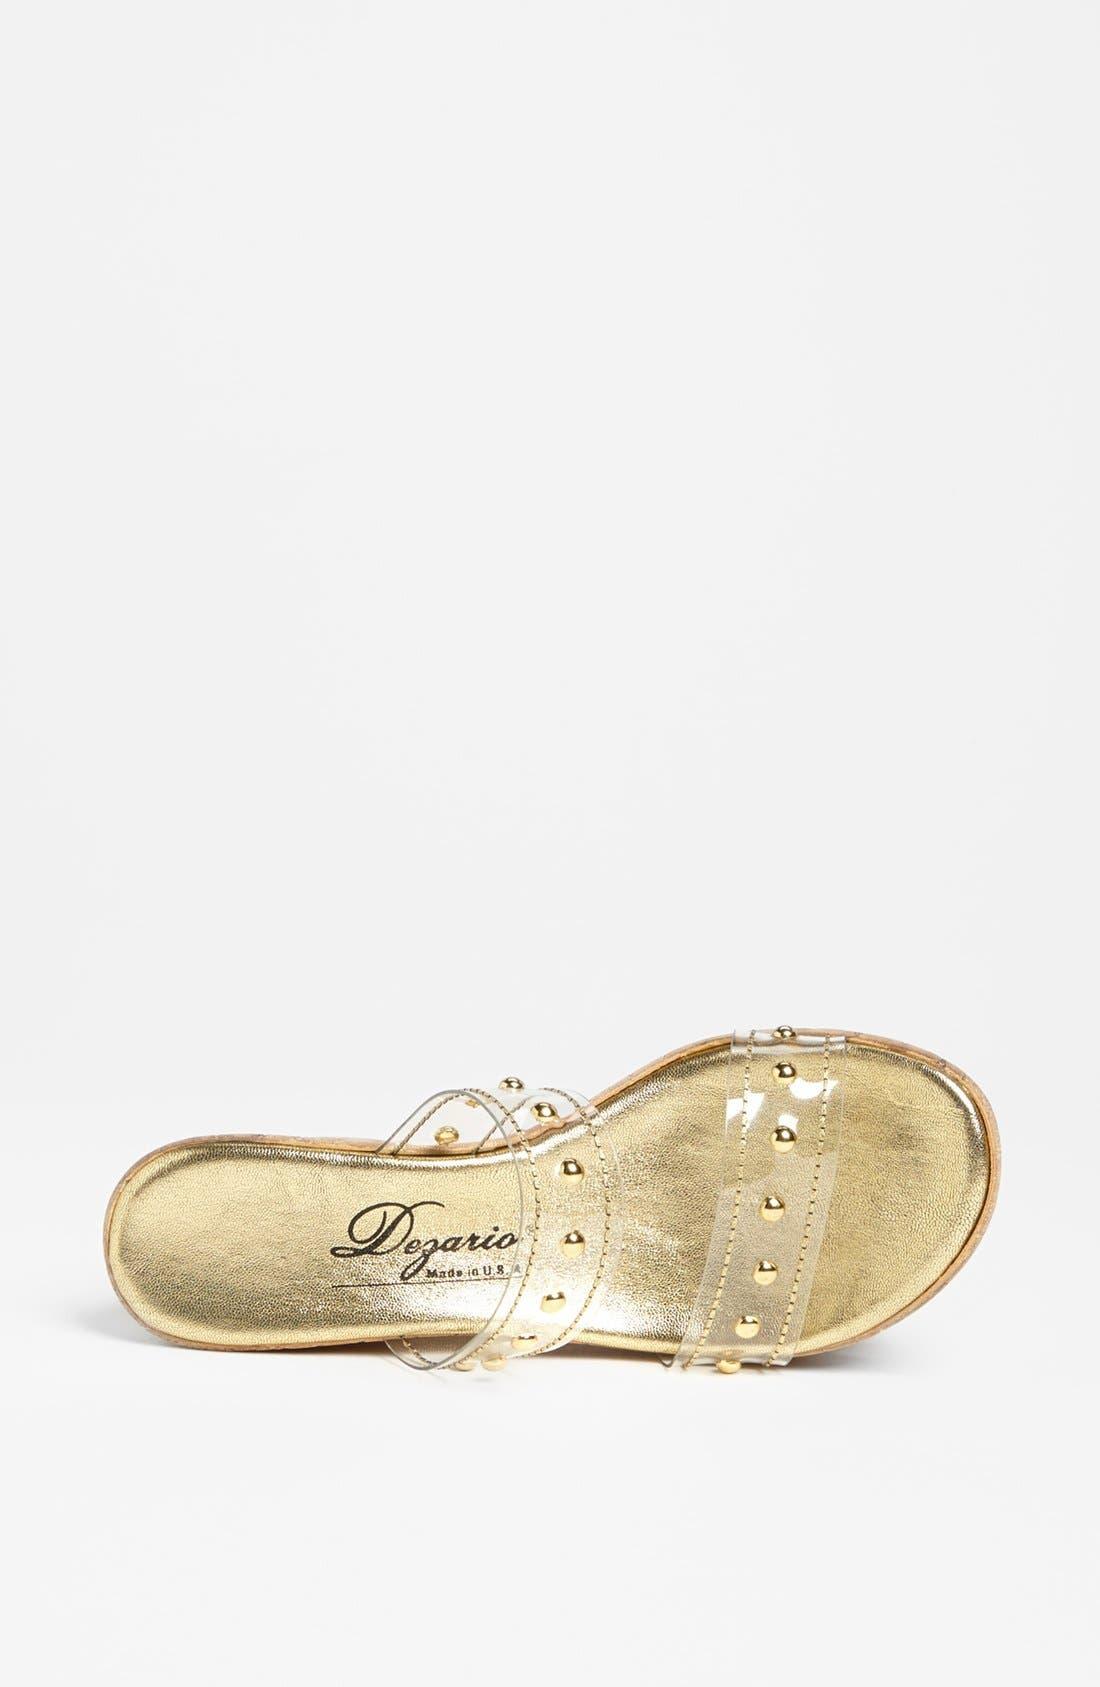 Alternate Image 3  - Dezario 'Passion' Wedge Sandal